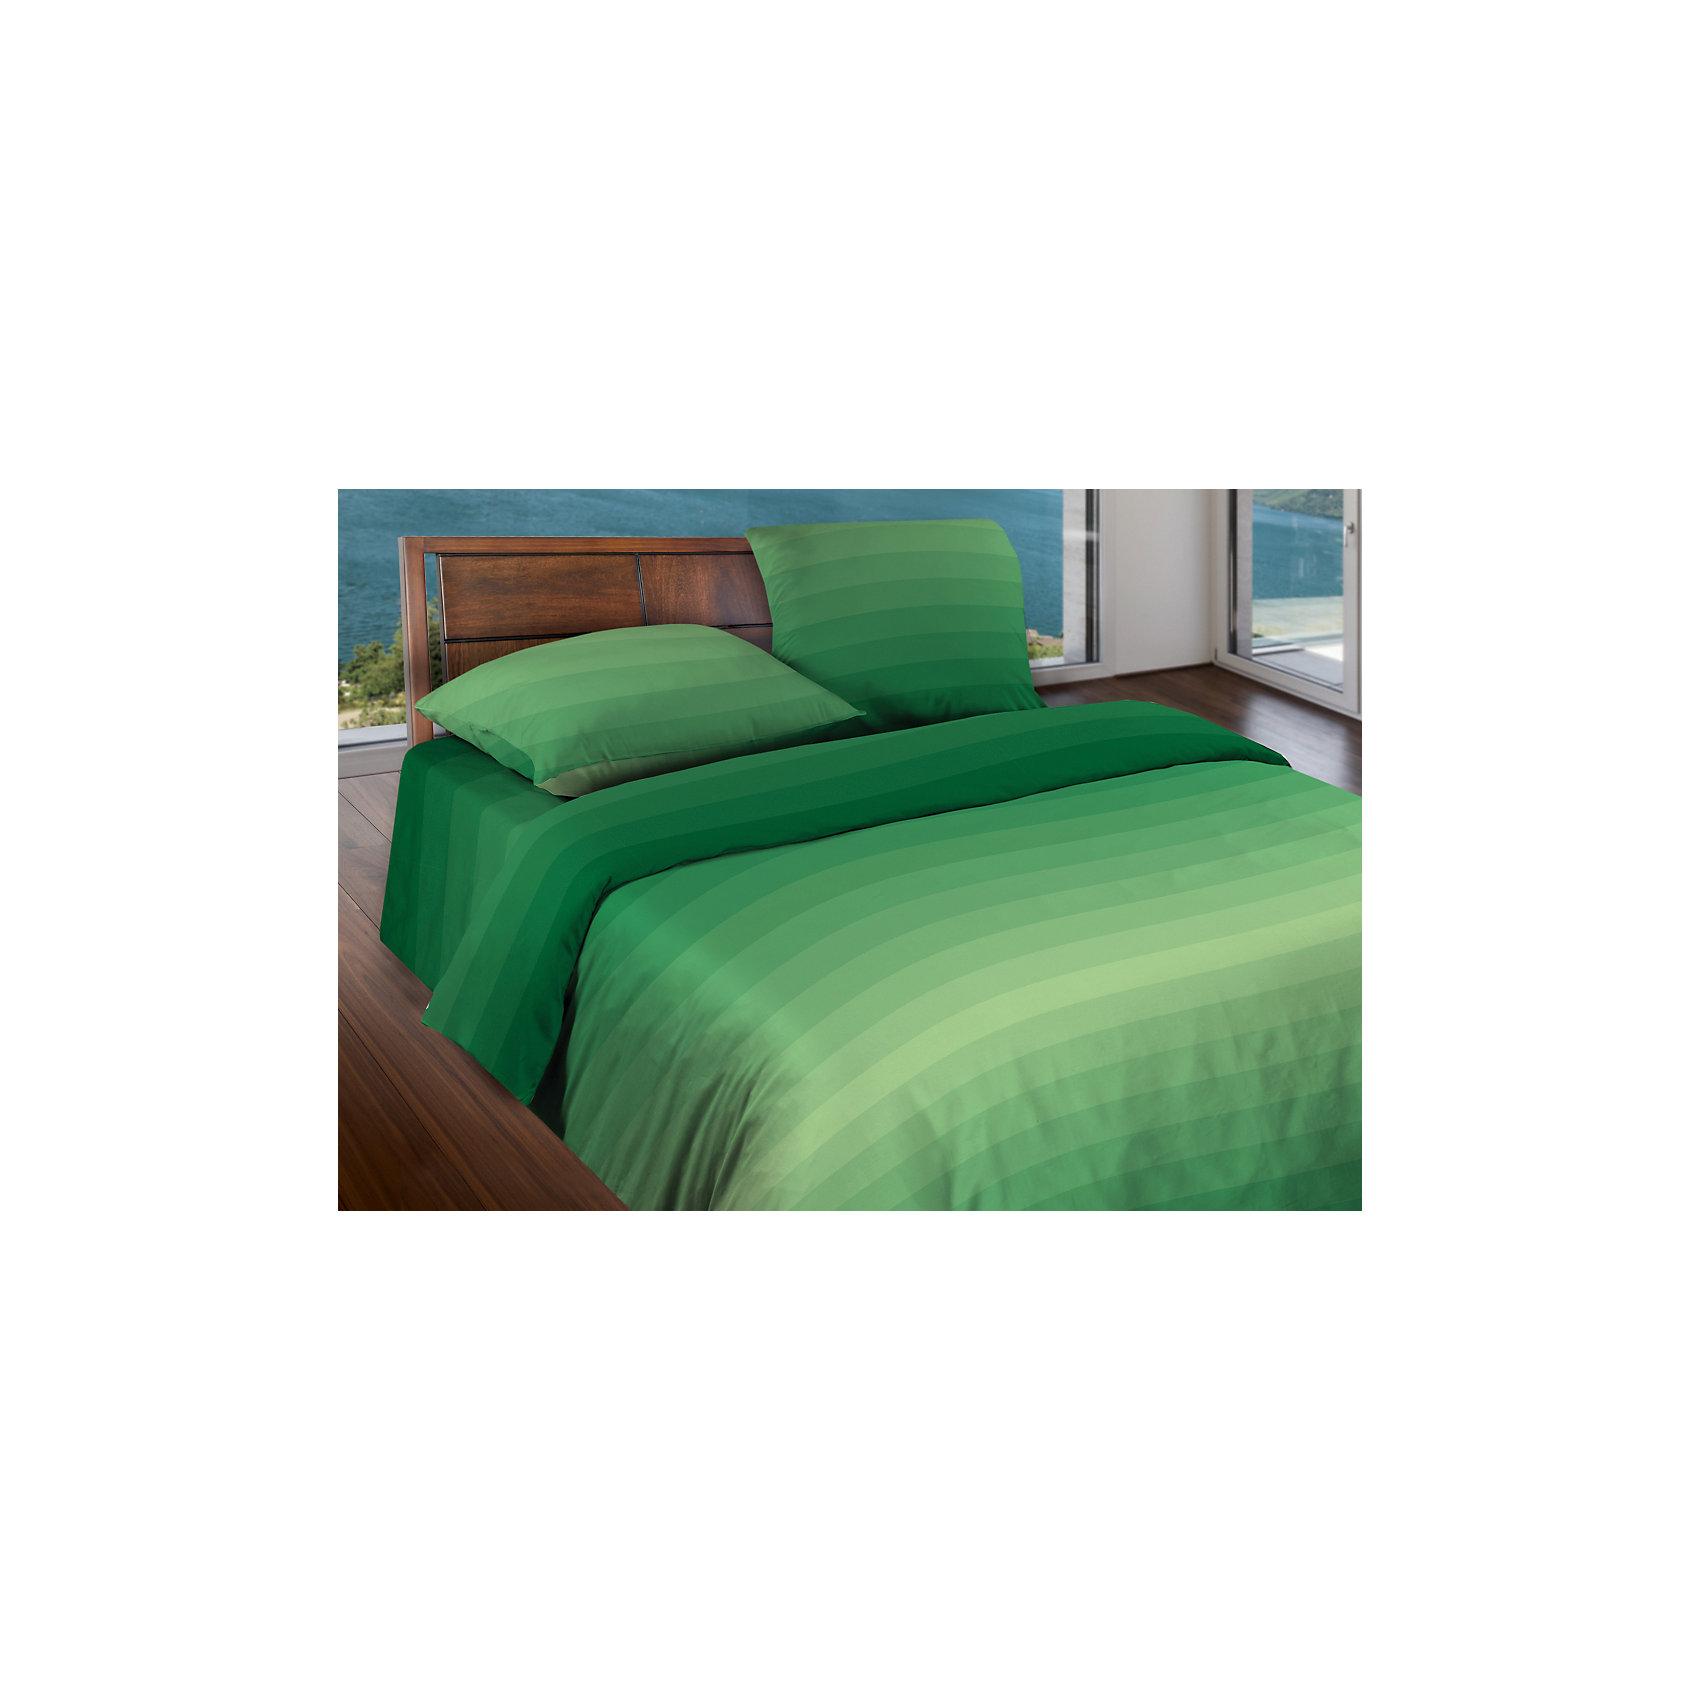 Постельное белье 2,0 сп. Flow Green БИО Комфорт, Wenge MotionДомашний текстиль<br>Характеристики 2-хспального комплекта постельного белья   Flow Green  БИО Комфорт, Wenge Motion:<br><br>- производитель: Неотек<br>- материал: бязь<br>- состав: 100% хлопок<br>- размер комплекта: двуспальный<br>- размер пододеяльника: 215*175 см.<br>- размер простыни: 220*240 см.<br>- размер наволочек: 70*70 (2 шт)<br>- упаковка комплекта: книжка пвх<br>- страна бренда: Россия<br>- страна производитель: Россия<br><br>Постельное белье Flow Green   серии Wenge Motion создано для людей, которые любят играть цветом в интерьере спальни. Комплект постельного белья  данной серии имеет богатое разнообразие красок, которые начинаются от темно-зеленого и заканчиваются светло-зеленым, создавая новые комбинации дизайна. Постельное белье серии Wenge Motion обладает рядом преимуществ : комплект постельного белья  Flow Green  выполнен из ткани БИОкомфорт - это высококачественная бязь с повышенными экологическими и гигиеническими характеристиками, благодаря полотняному плетению повышенной плотности, обладает высокими показателями износостойкости. Яркие краски и нетривиальный дизайн. Купив несколько комплектов серии Wenge Motion, Вы сможете сочетать разные комплекты и создать новые дизайны самостоятельно.<br><br>Комплекта постельного белья   Flow Green  серии Wenge Motion можно купить в нашем интернет-магазине.<br><br>Ширина мм: 370<br>Глубина мм: 70<br>Высота мм: 370<br>Вес г: 2100<br>Возраст от месяцев: 216<br>Возраст до месяцев: 1188<br>Пол: Унисекс<br>Возраст: Детский<br>SKU: 5100128